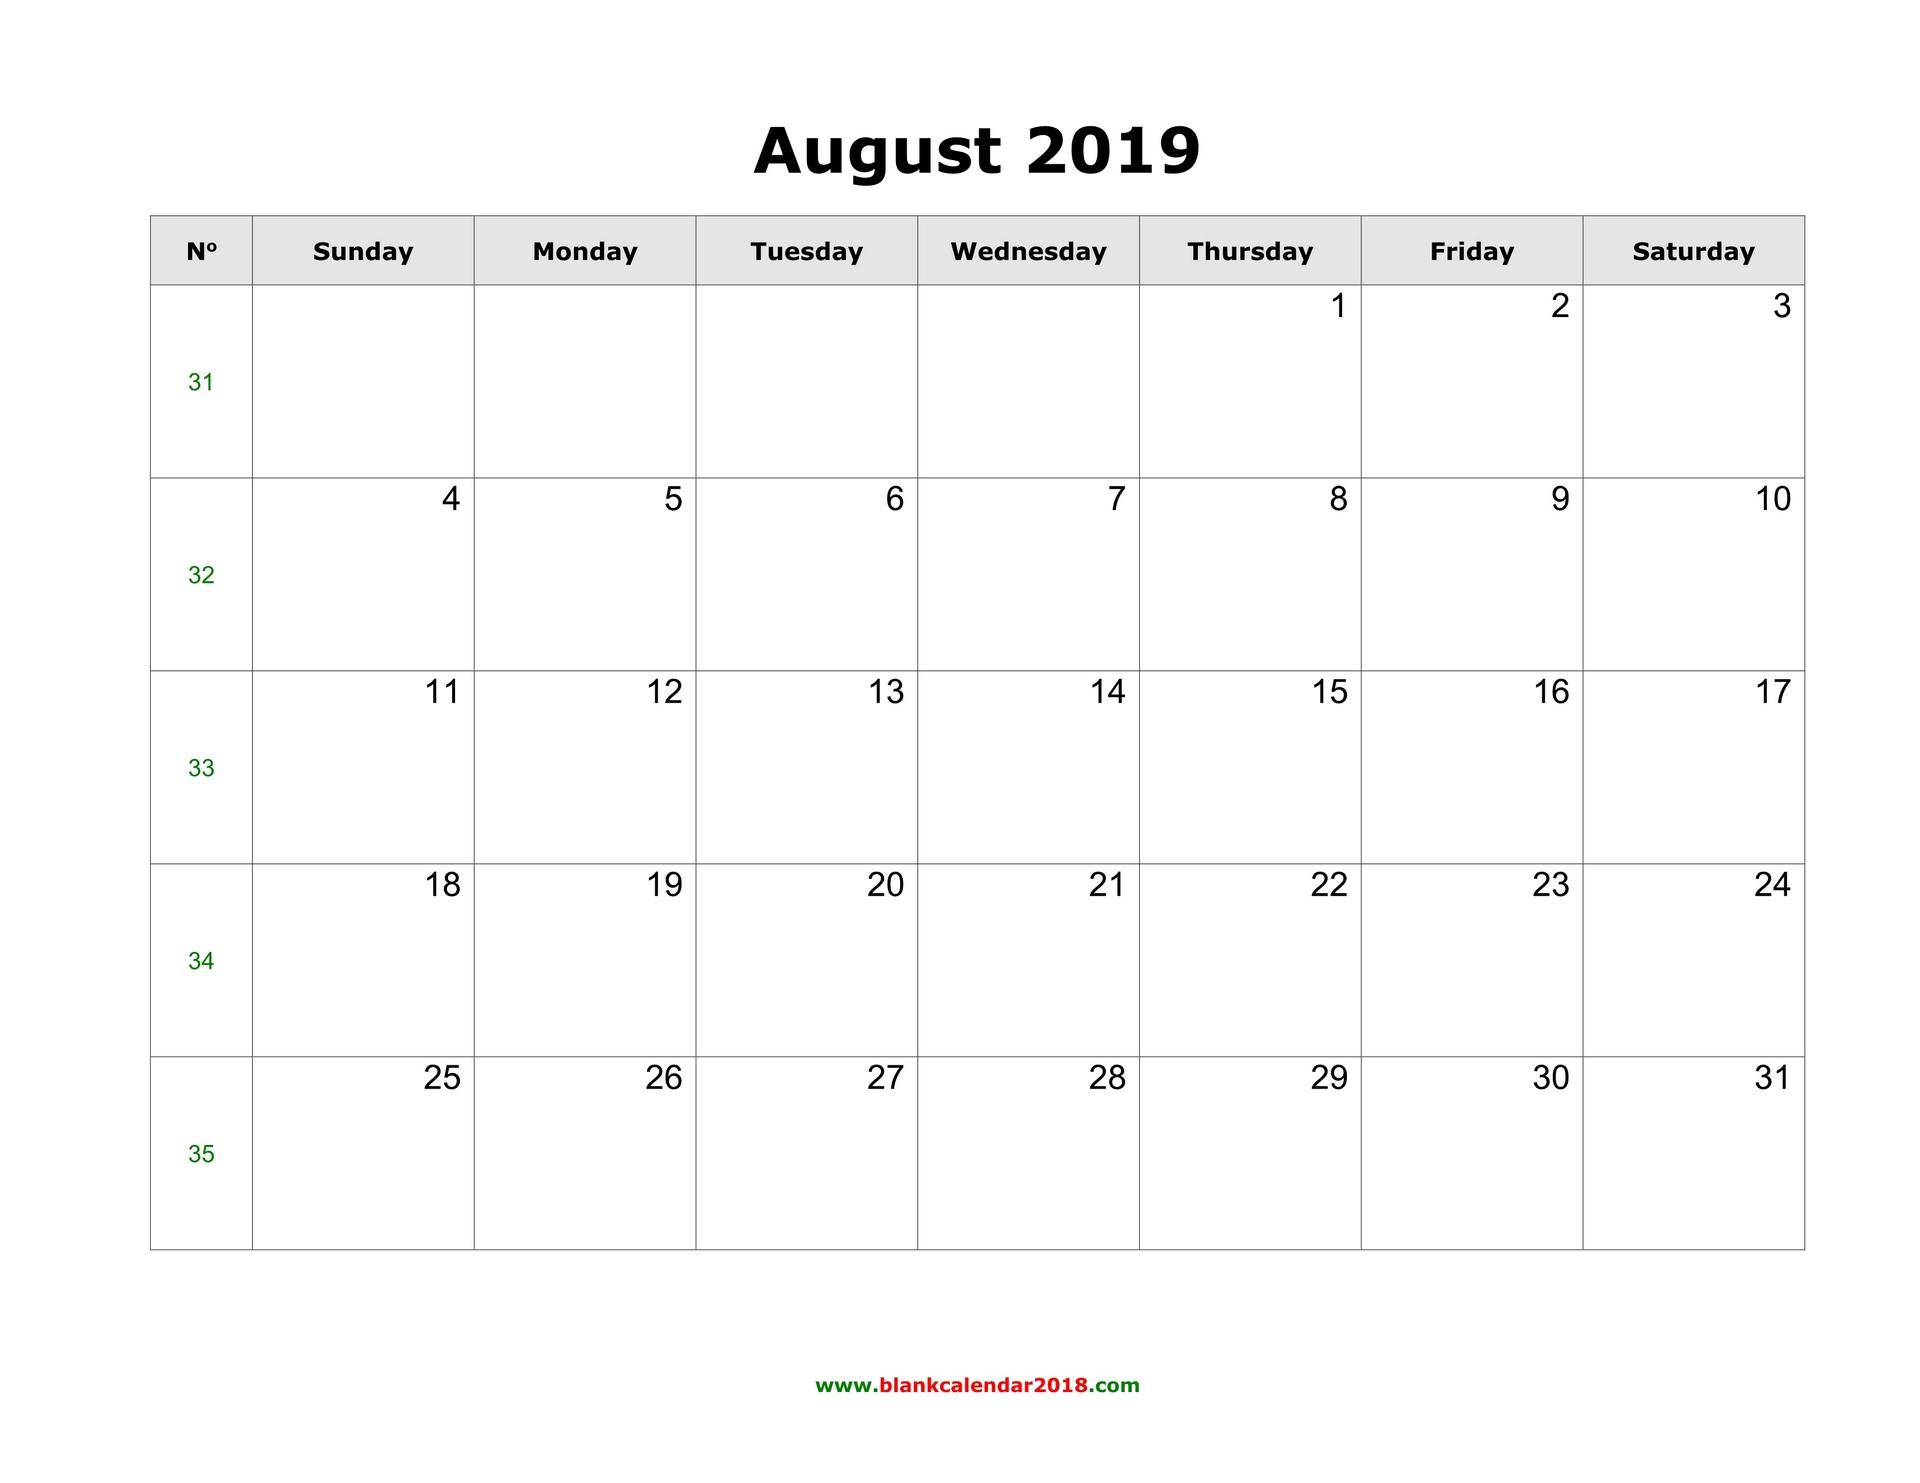 Blank Calendar For August 2019 with Blank Calendar August Template Australia